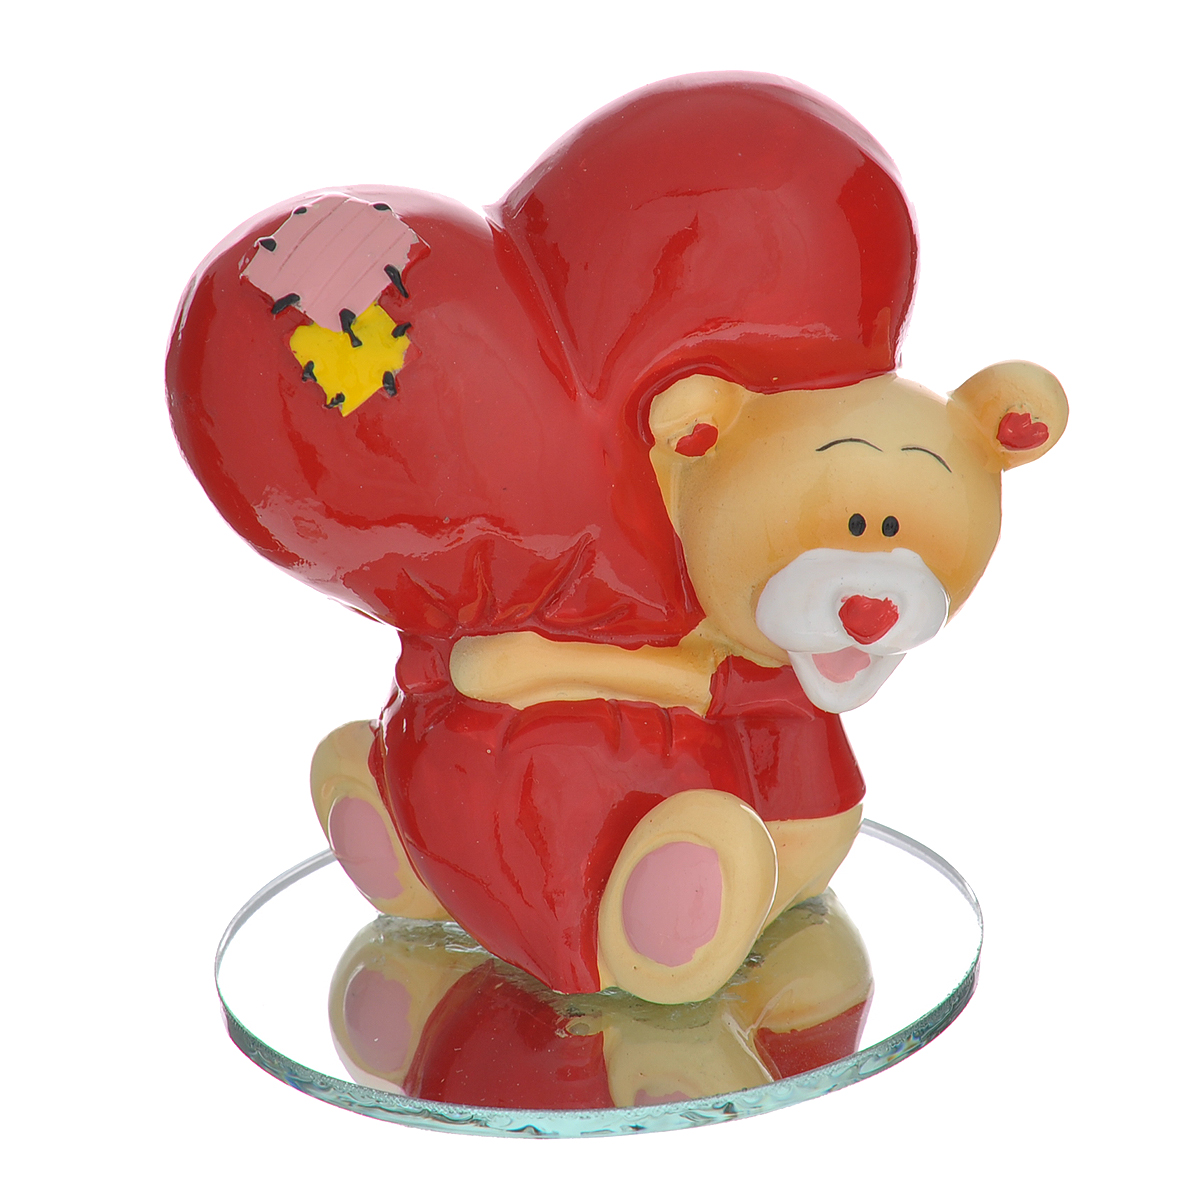 Фигурка декоративная Мишка-валентинка, цвет: красный. 123437 фигурка декоративная мишка валентинка 9 7 9см 894628